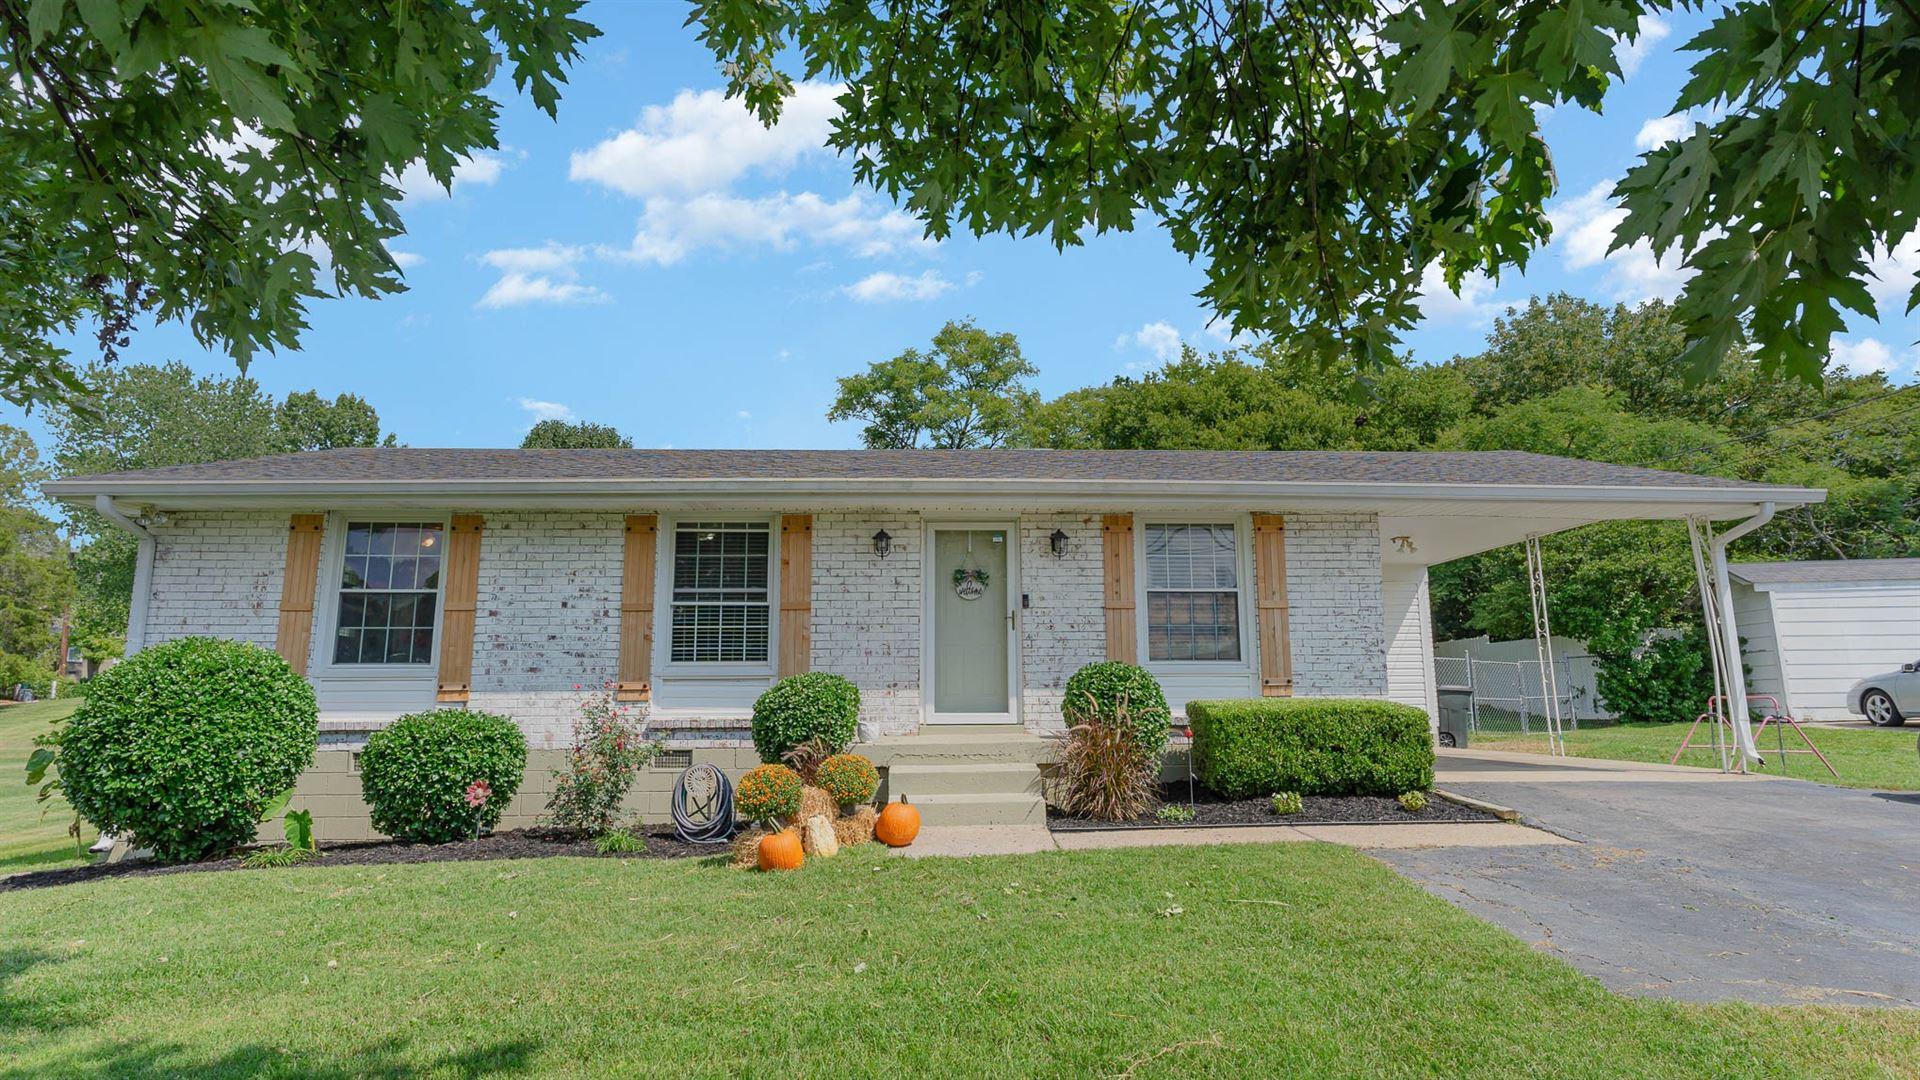 104 Evergreen Cir, Hendersonville, TN 37075 - MLS#: 2291249